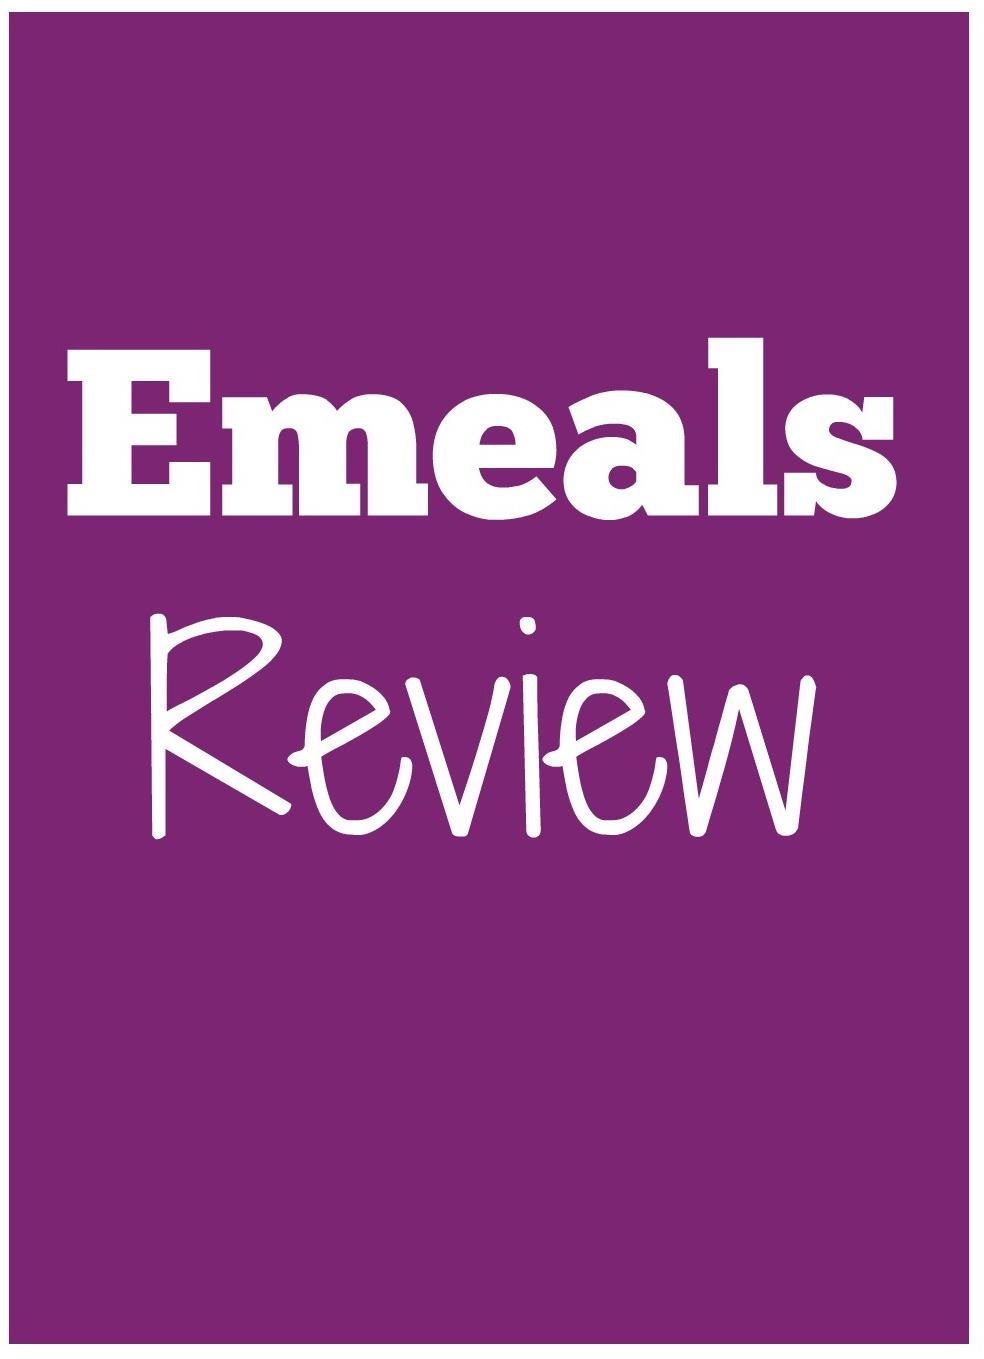 Emeals Review | Homeschool Made Simple!